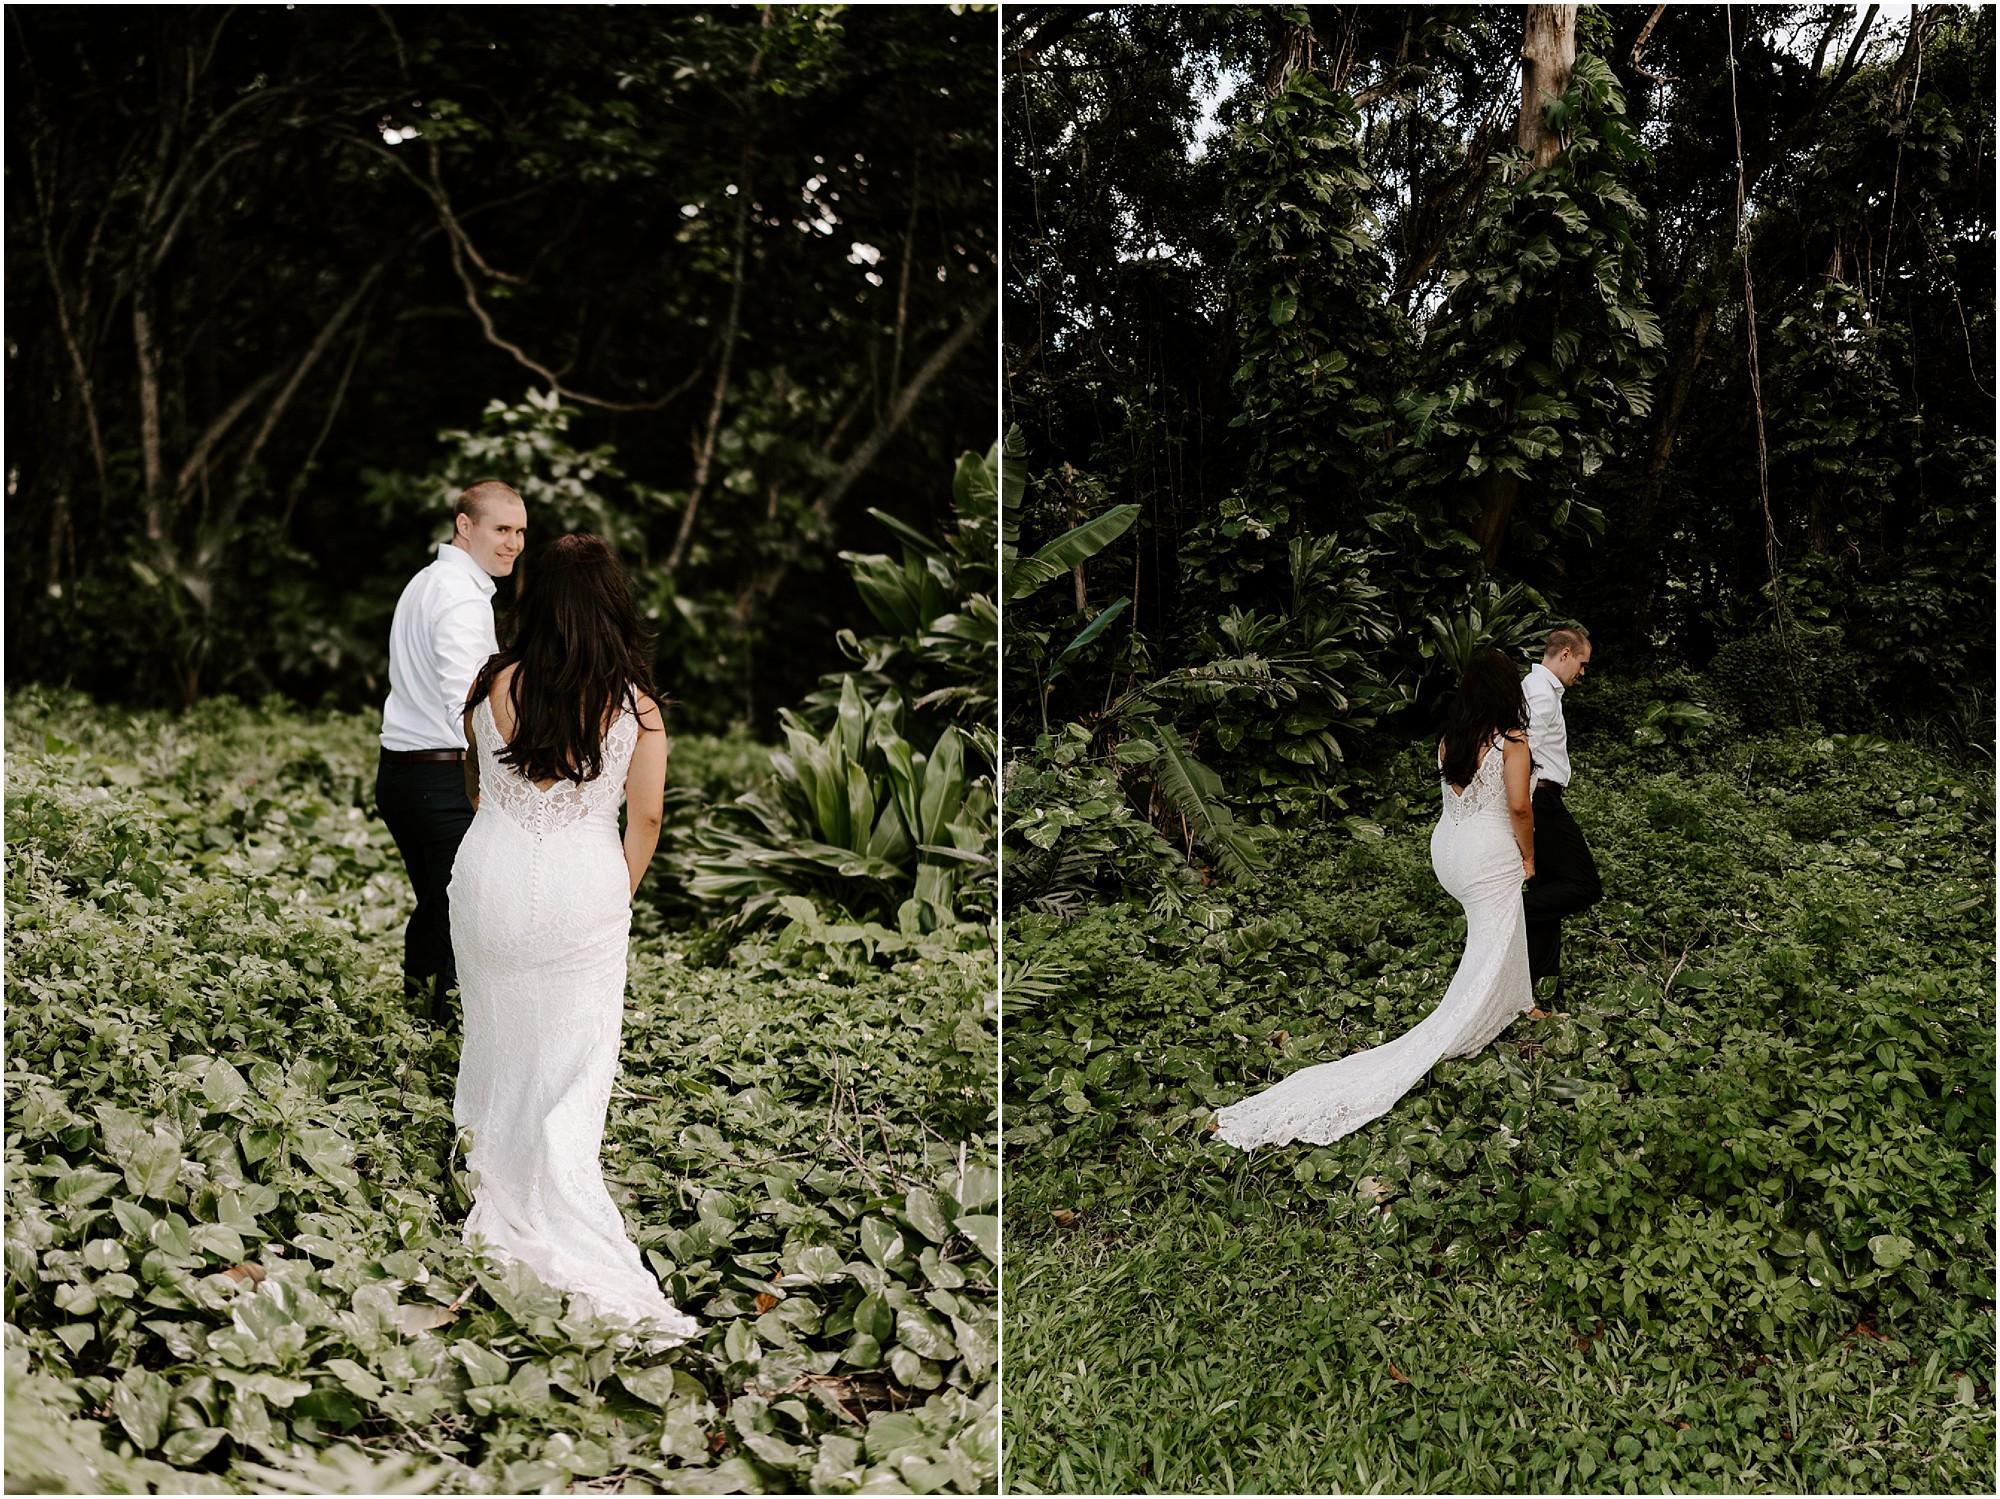 oahu-intimate-bridal-adventure-session_0008.jpg